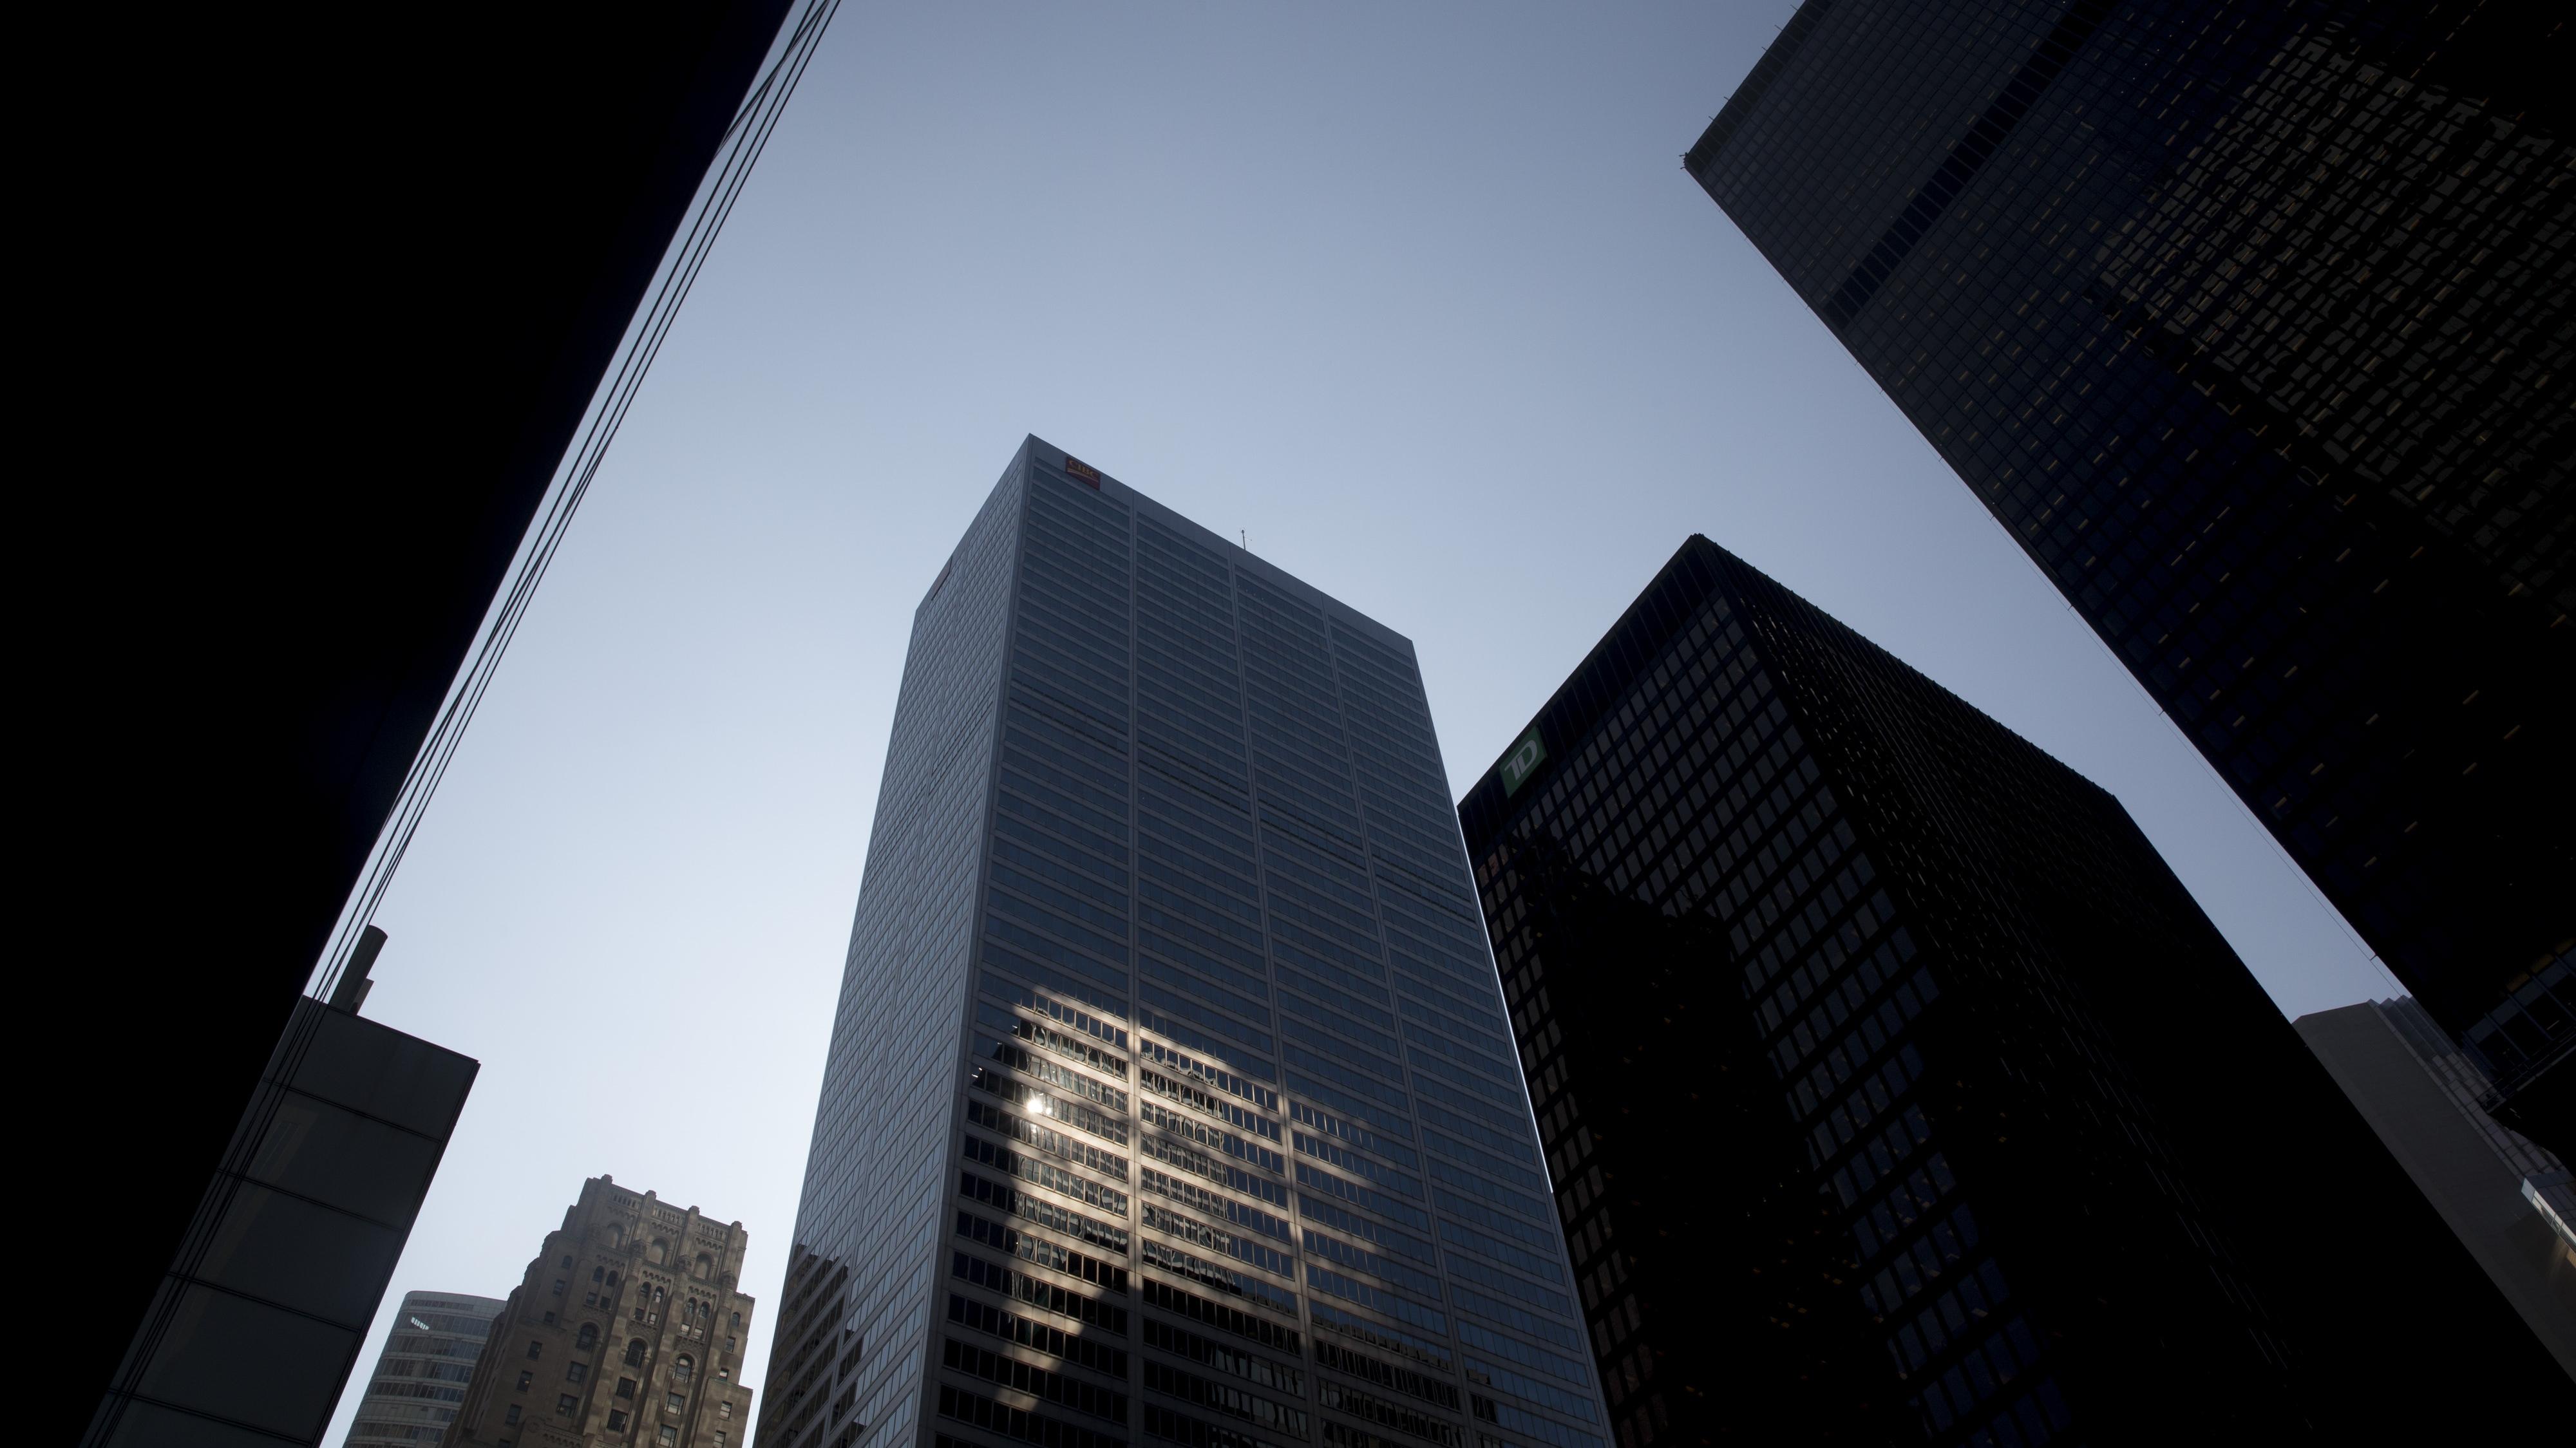 Laurentian Bank's Q1 net income down as it announces 10% workforce cut